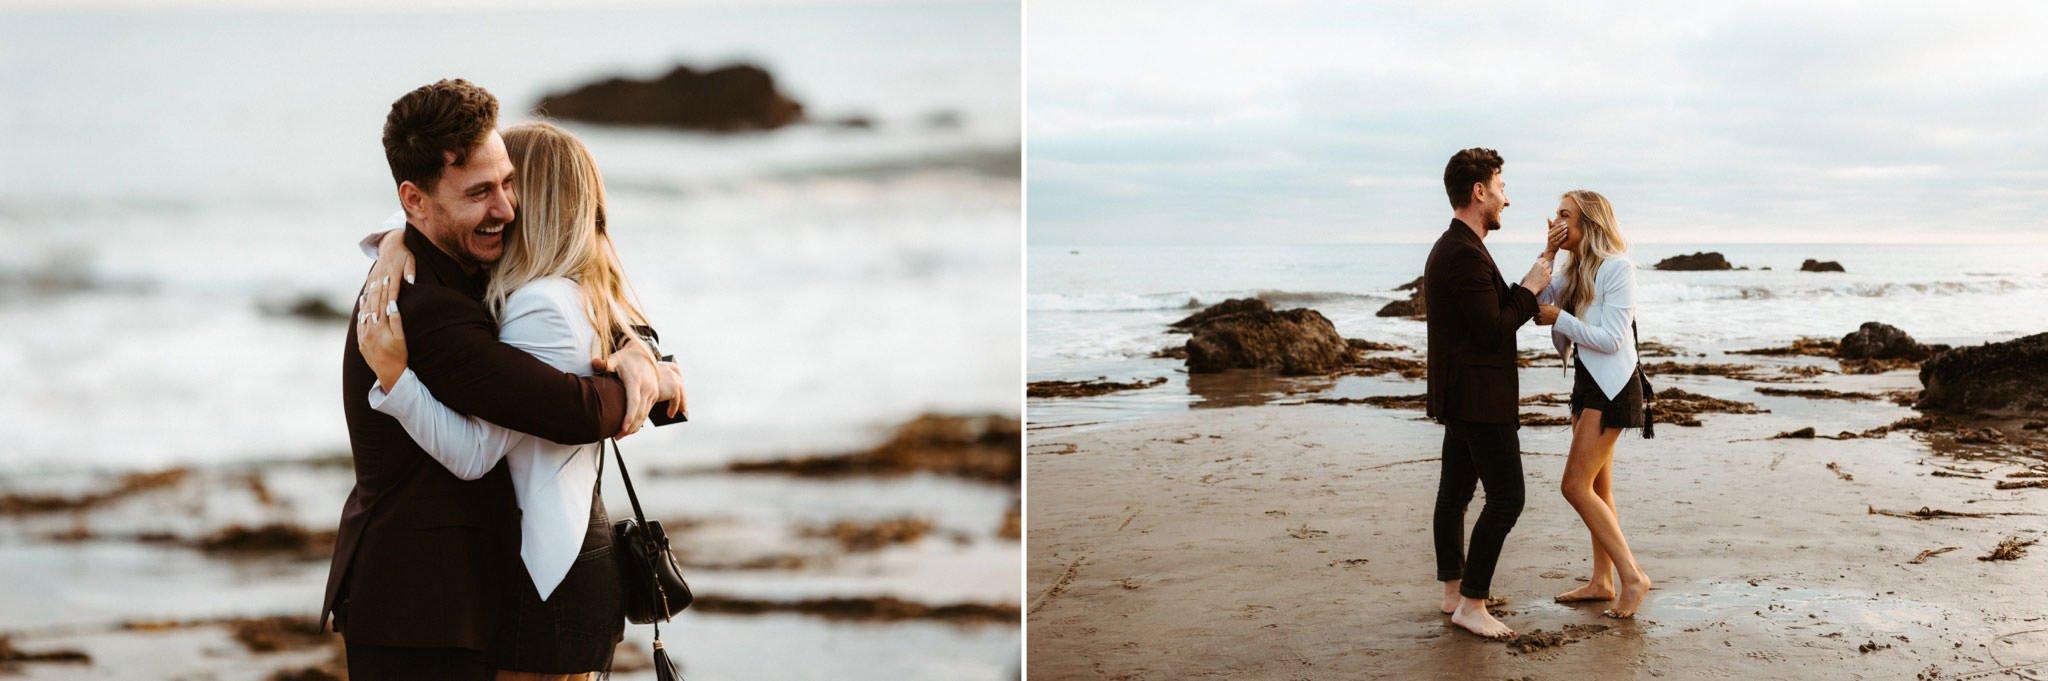 malibu beach proposal 010